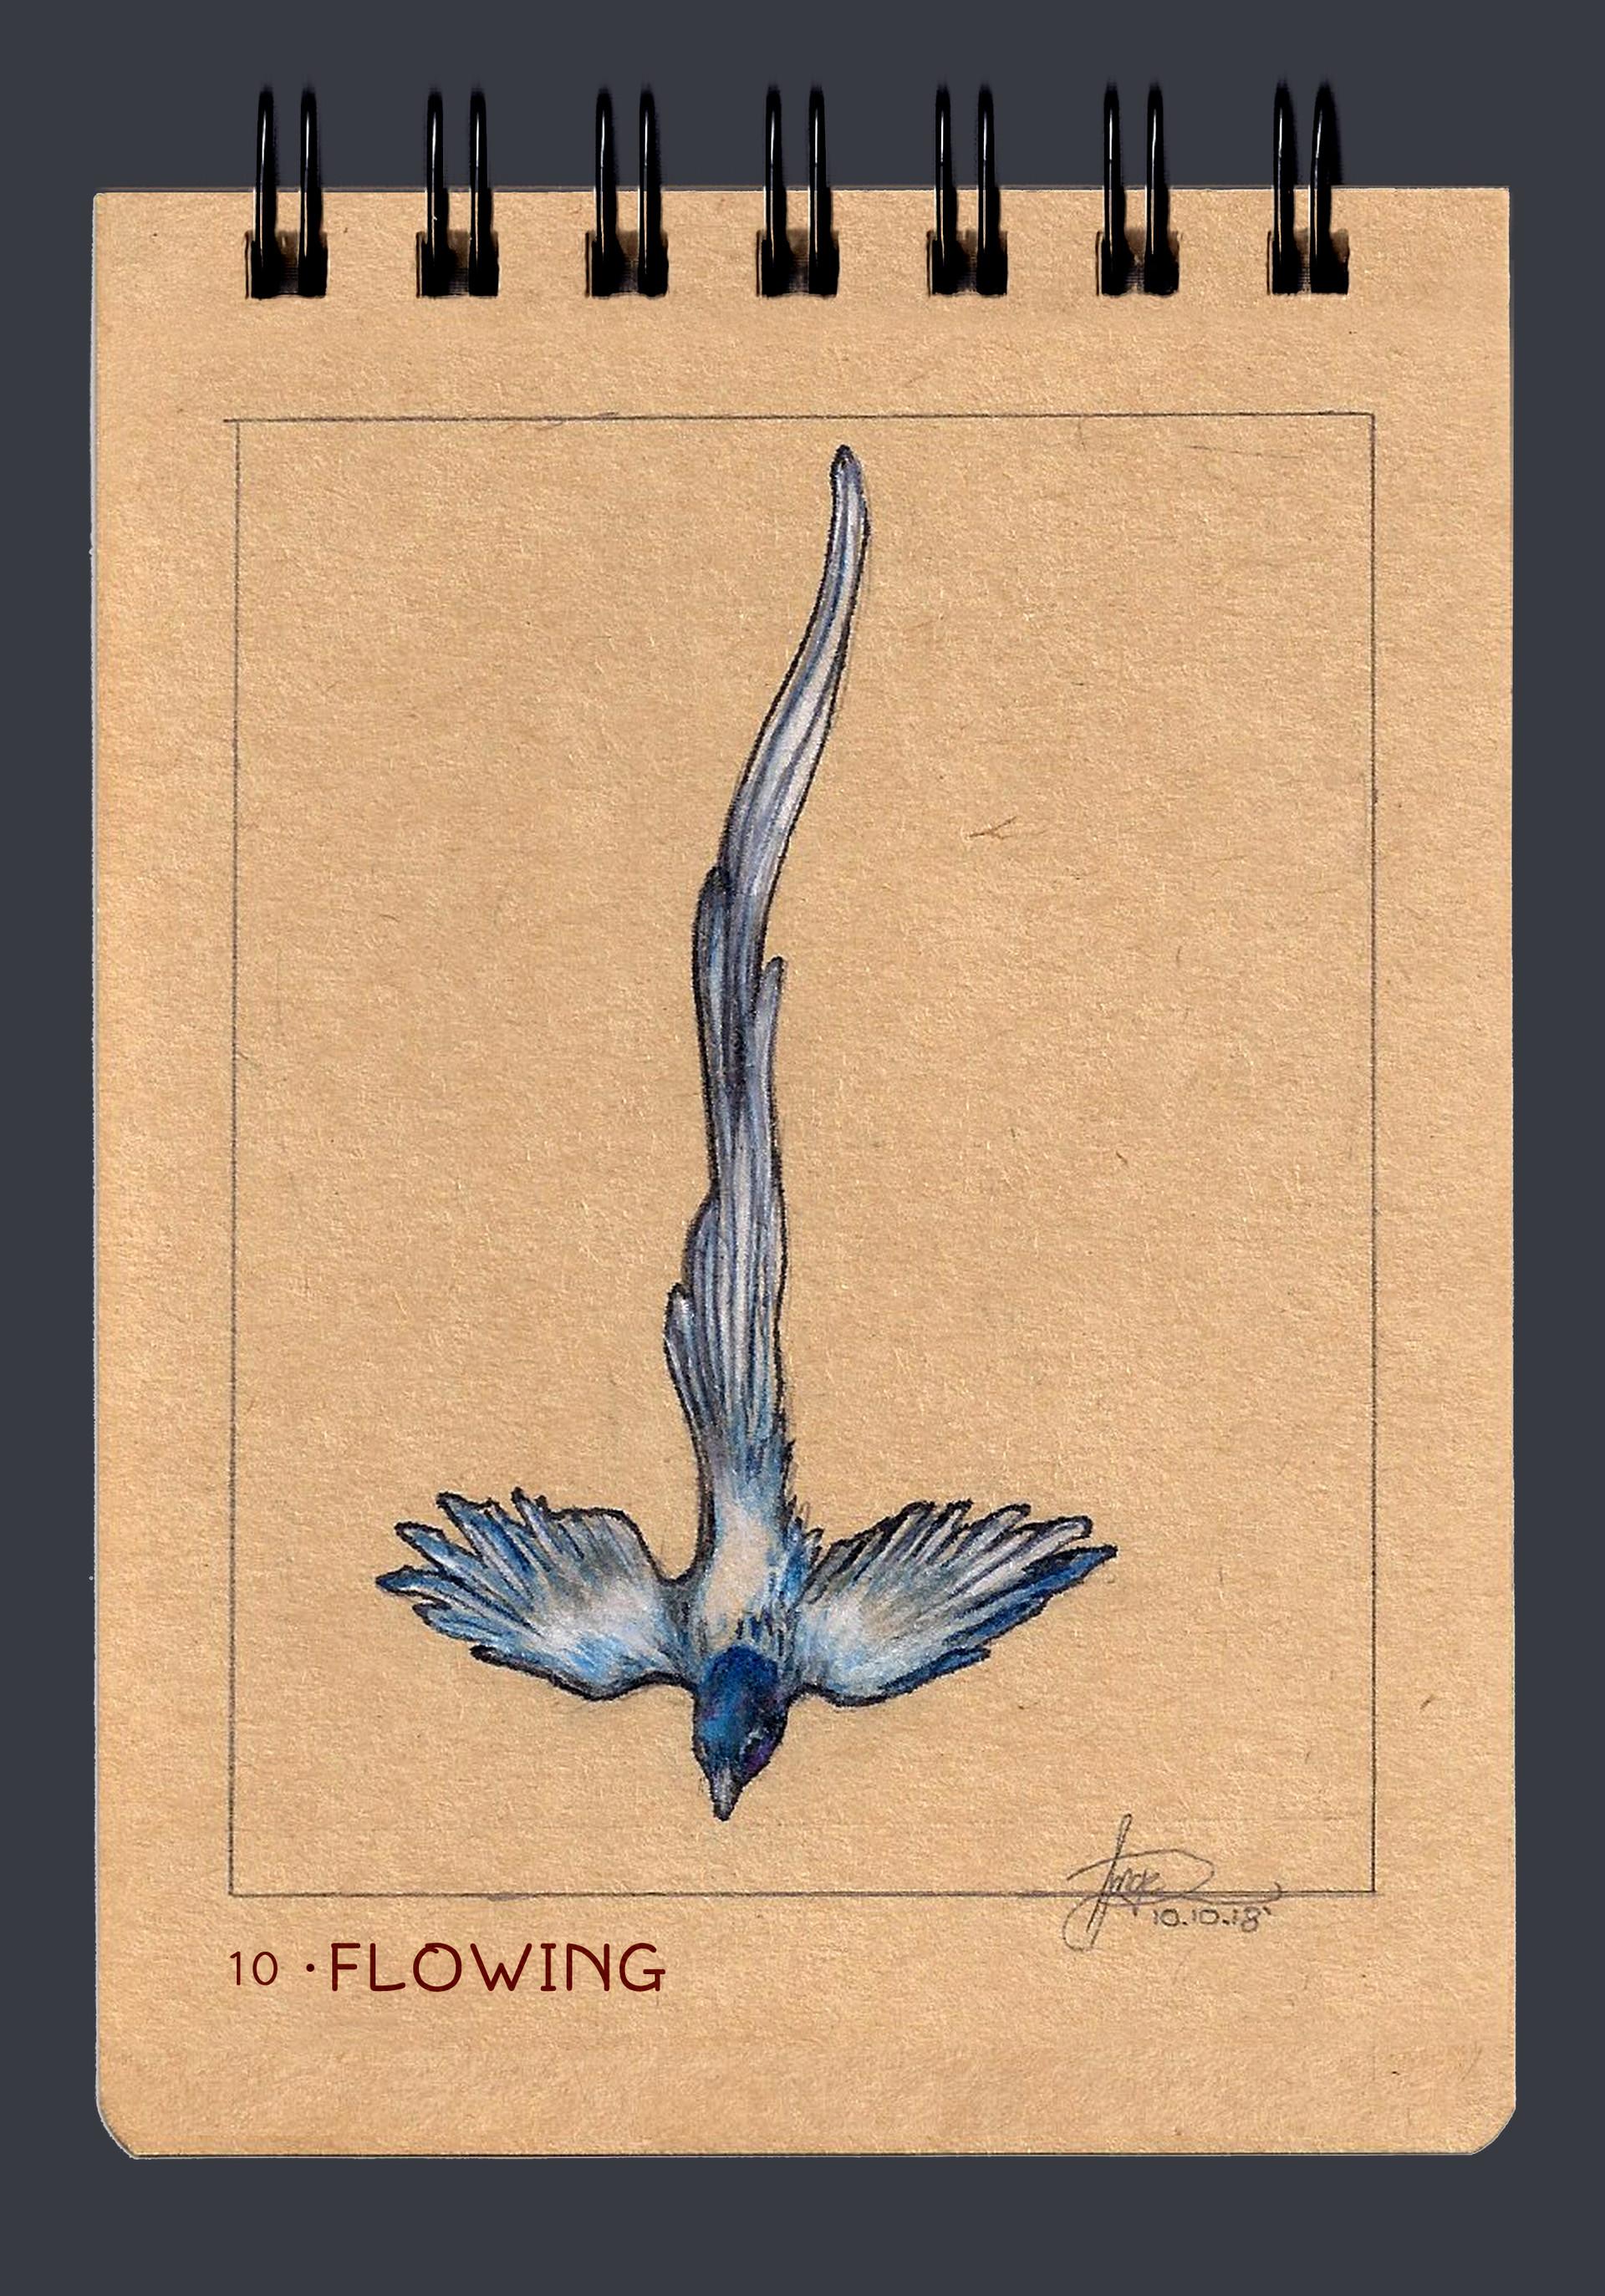 Angelica zurawski 181010 flowing